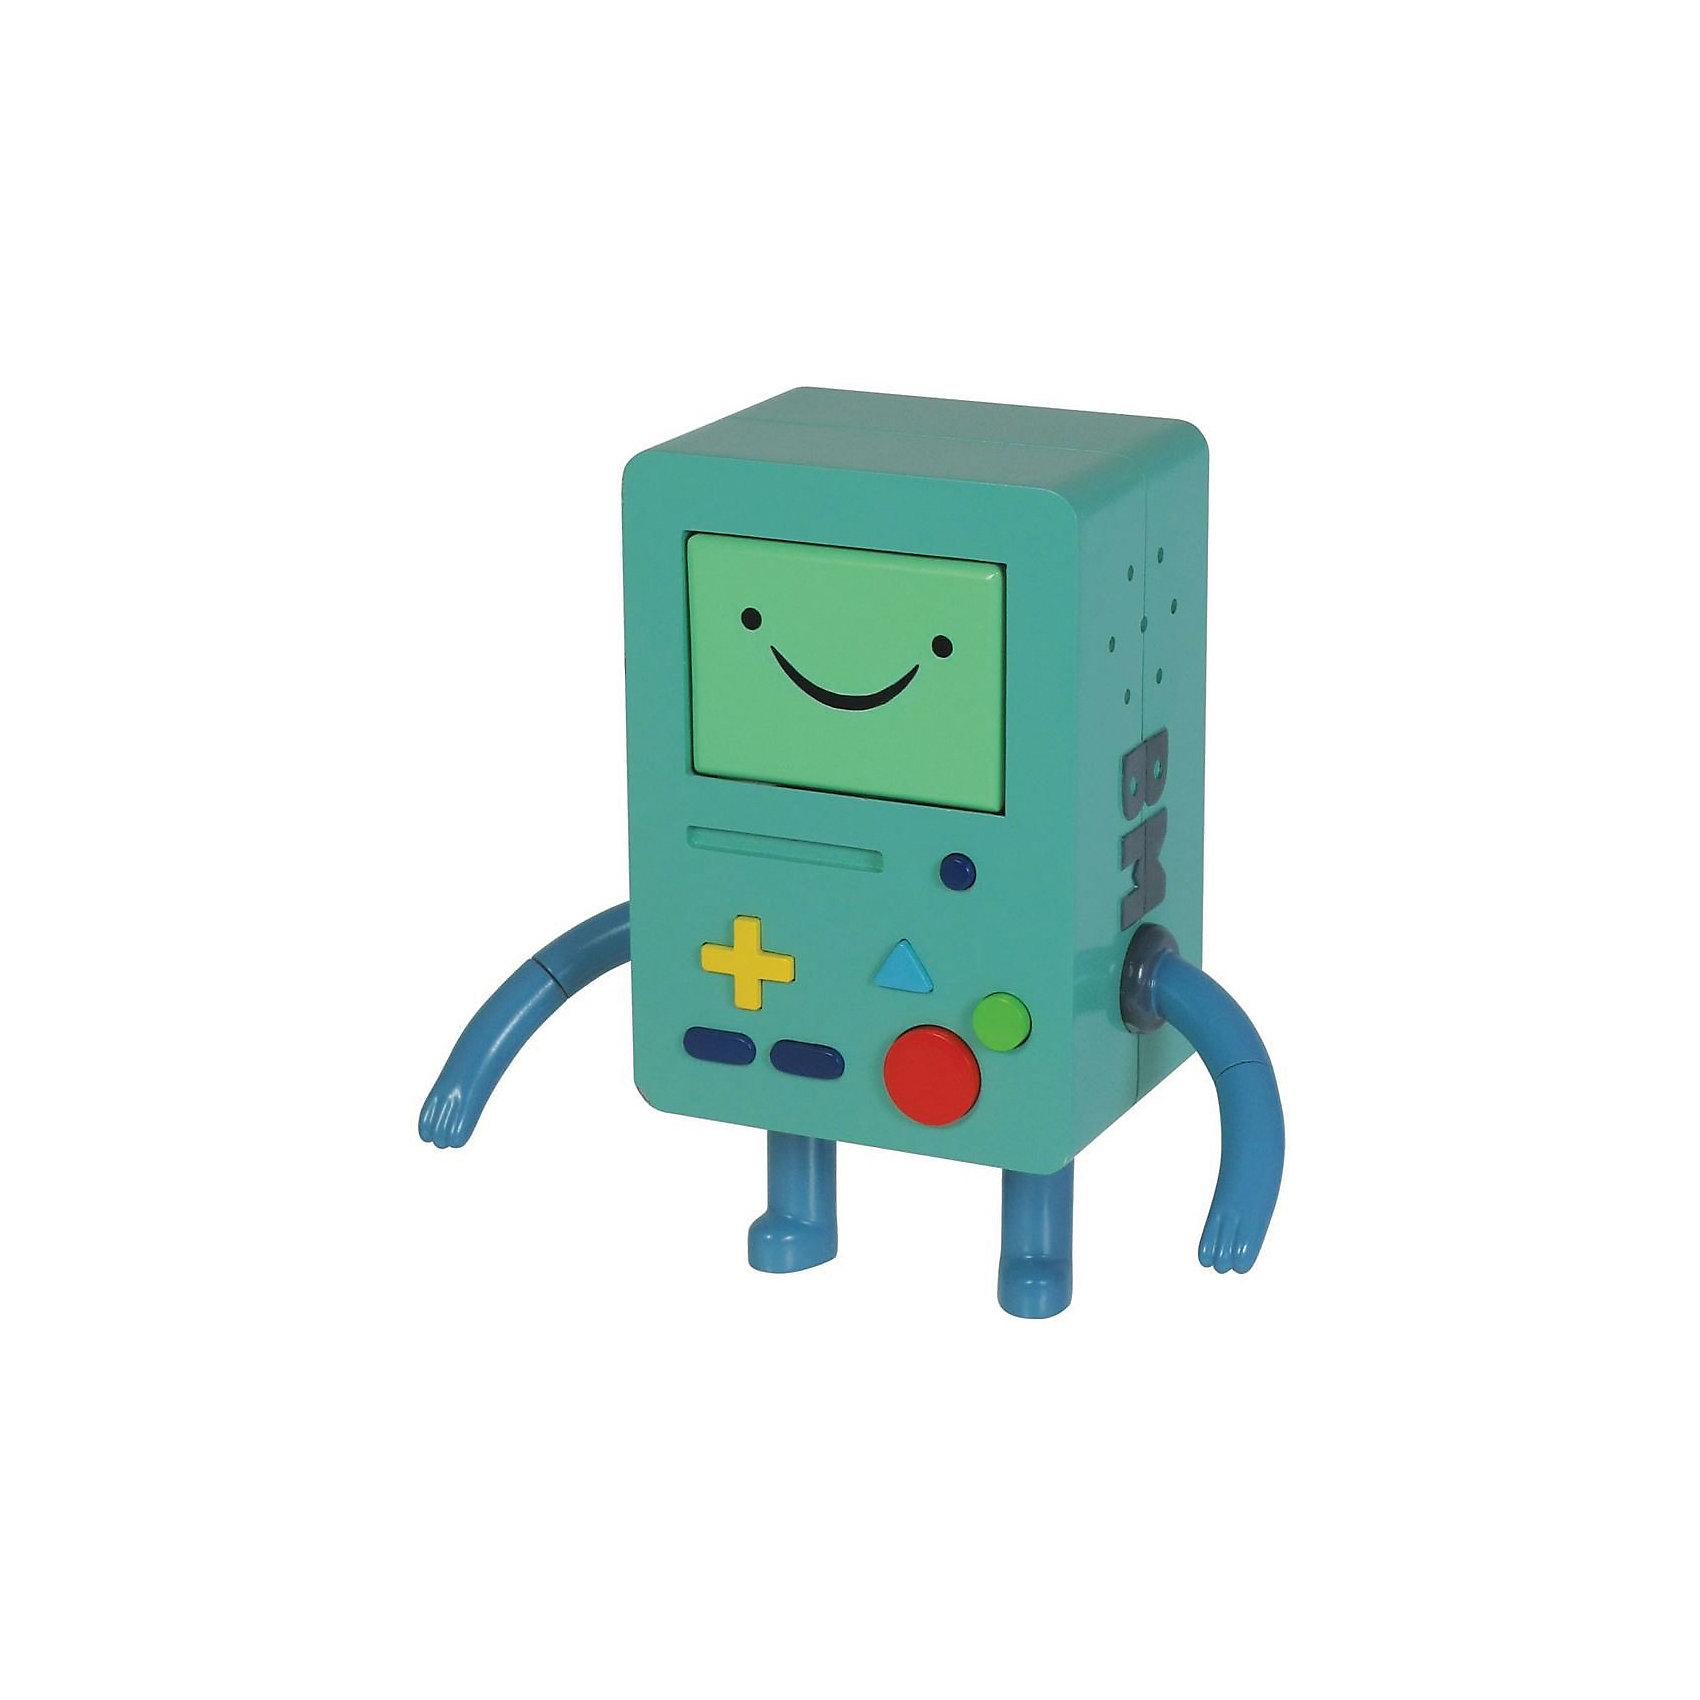 Фигурка Бимо, 14 см, Время приключенийЗабавная фигурка Бимо непременно понравится всем любителям мультсериала Время приключений (Adventure Time). Бимо - мини-робот, друг Финна и Джейка. <br><br>Дополнительная информация:<br><br>- Материал: пластик,.<br>- Высота фигурки: 14 см. <br><br>Фигурку Бимо, 14 см, Время приключений, можно купить в нашем магазине.<br><br>Ширина мм: 80<br>Глубина мм: 180<br>Высота мм: 250<br>Вес г: 250<br>Возраст от месяцев: 48<br>Возраст до месяцев: 192<br>Пол: Унисекс<br>Возраст: Детский<br>SKU: 3841372